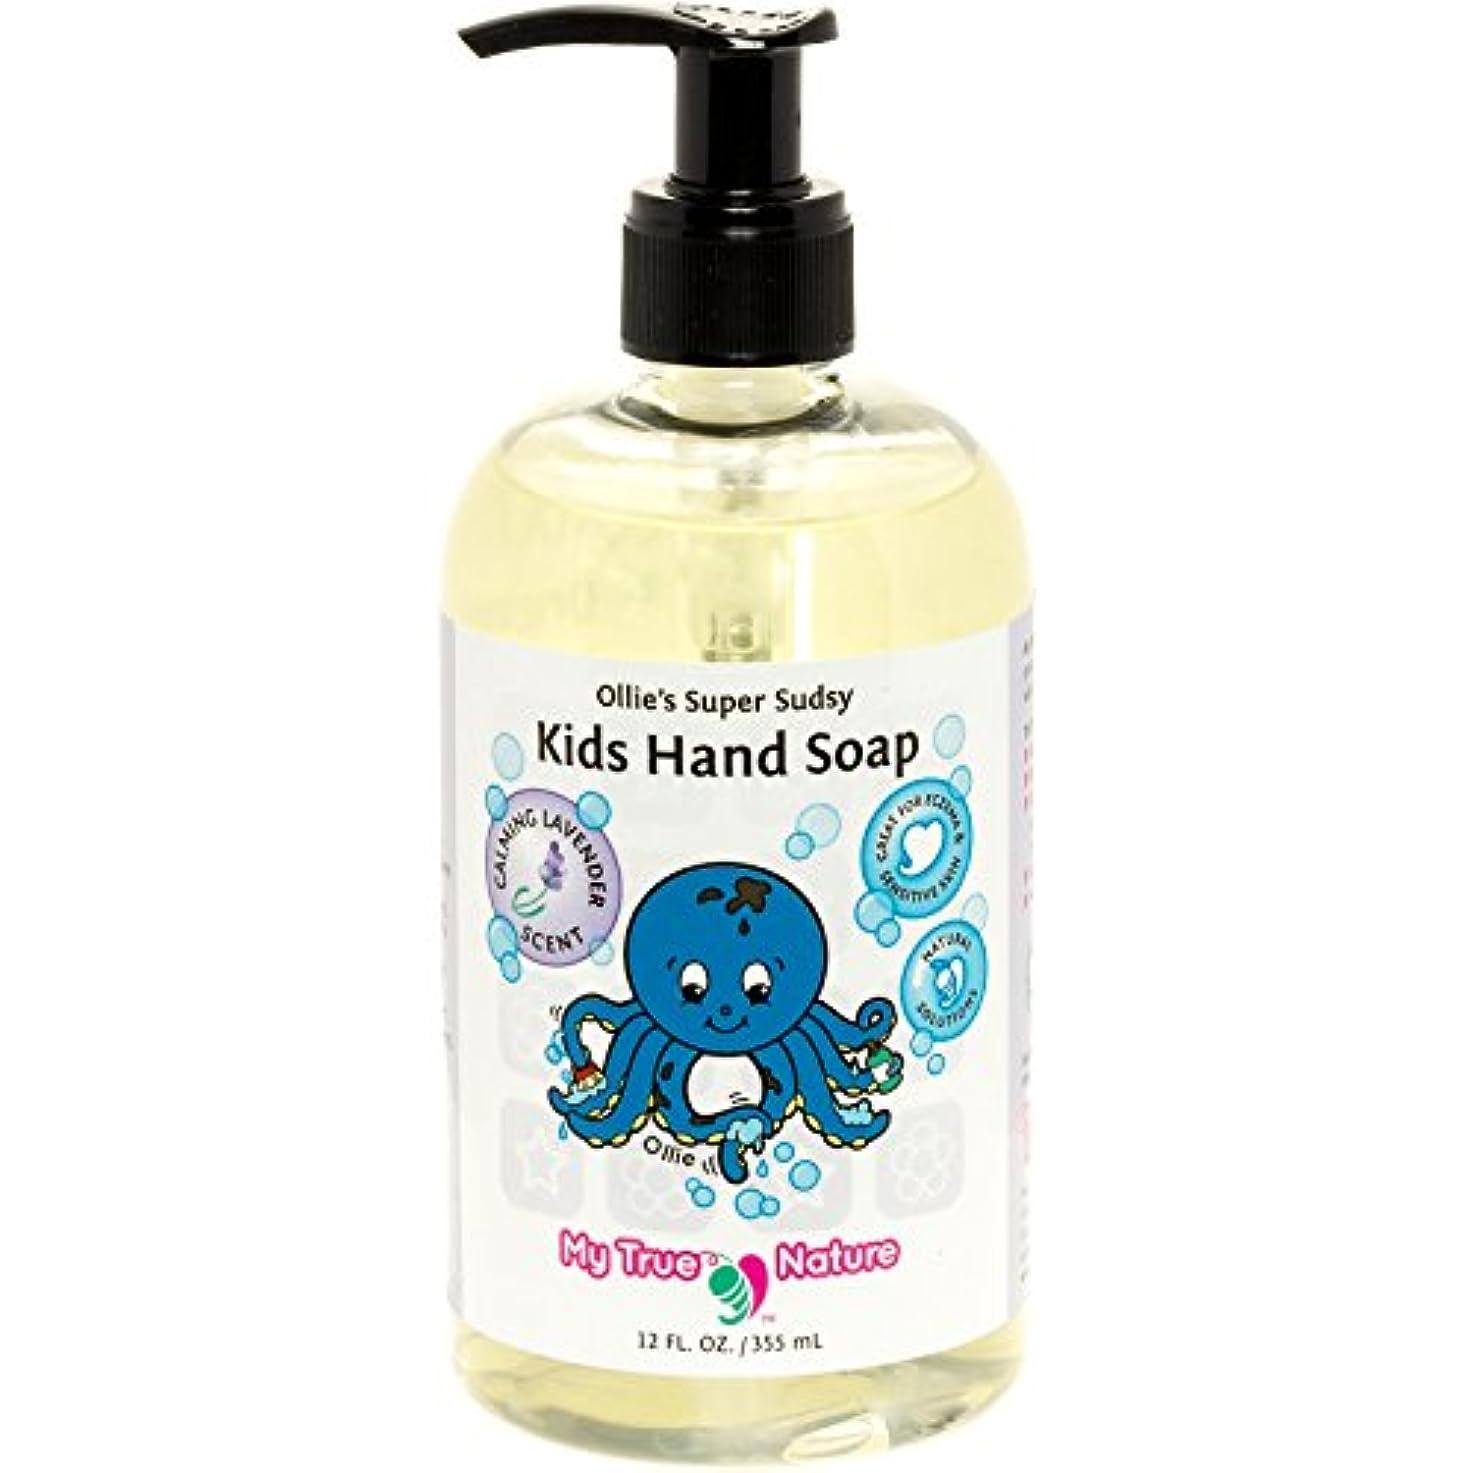 爆発する宿題適合All Natural Kids Soap - Ollie's Super Sudsy Liquid Hand Soap - Lavender Scent, 12 oz by My True Nature